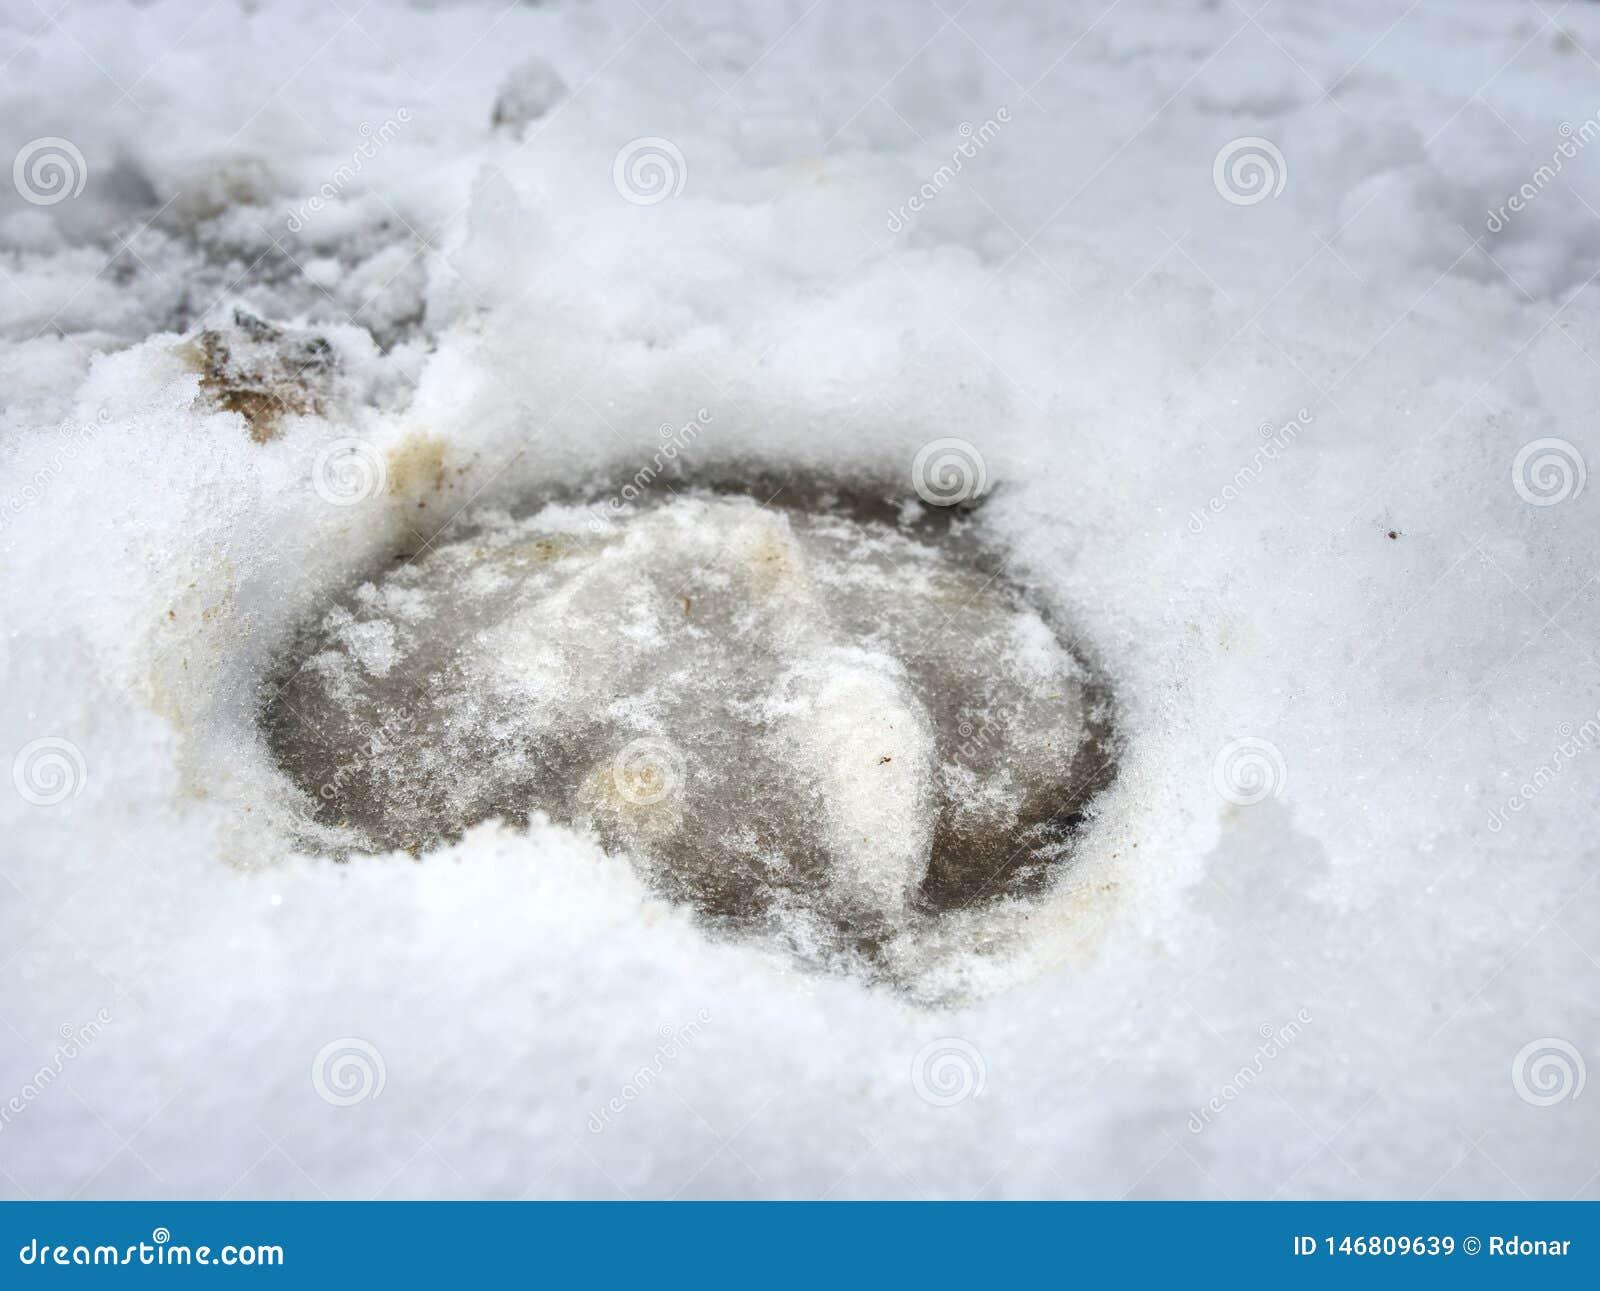 Lerigt hästklövtryck i hal snö